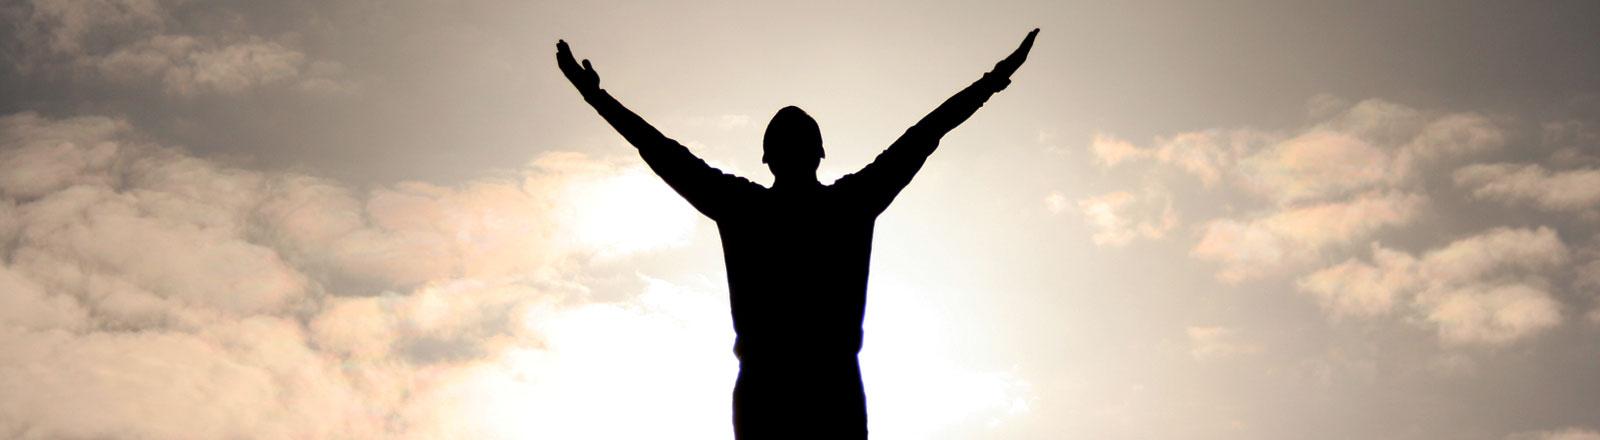 Ein Mann steht vor dem Himmel und breitet die Arme aus.